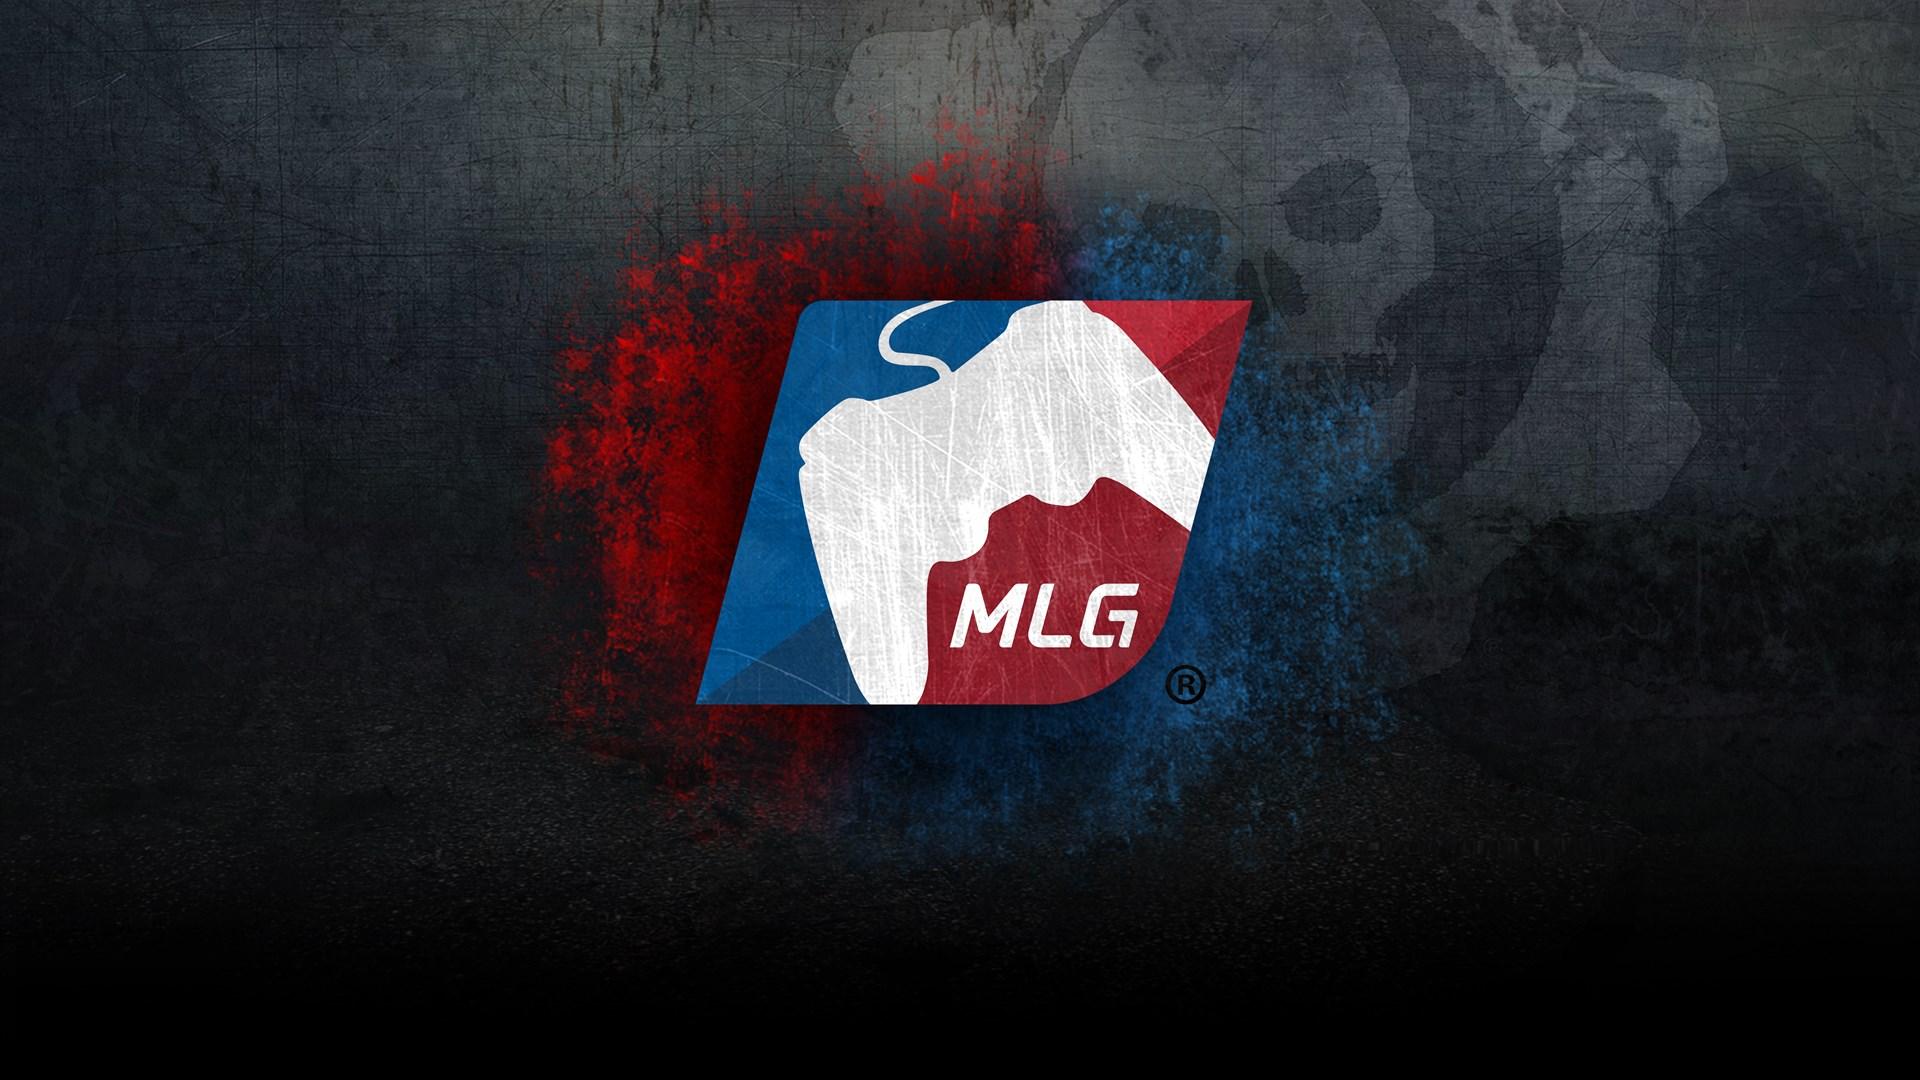 Набор «Лига MLG»